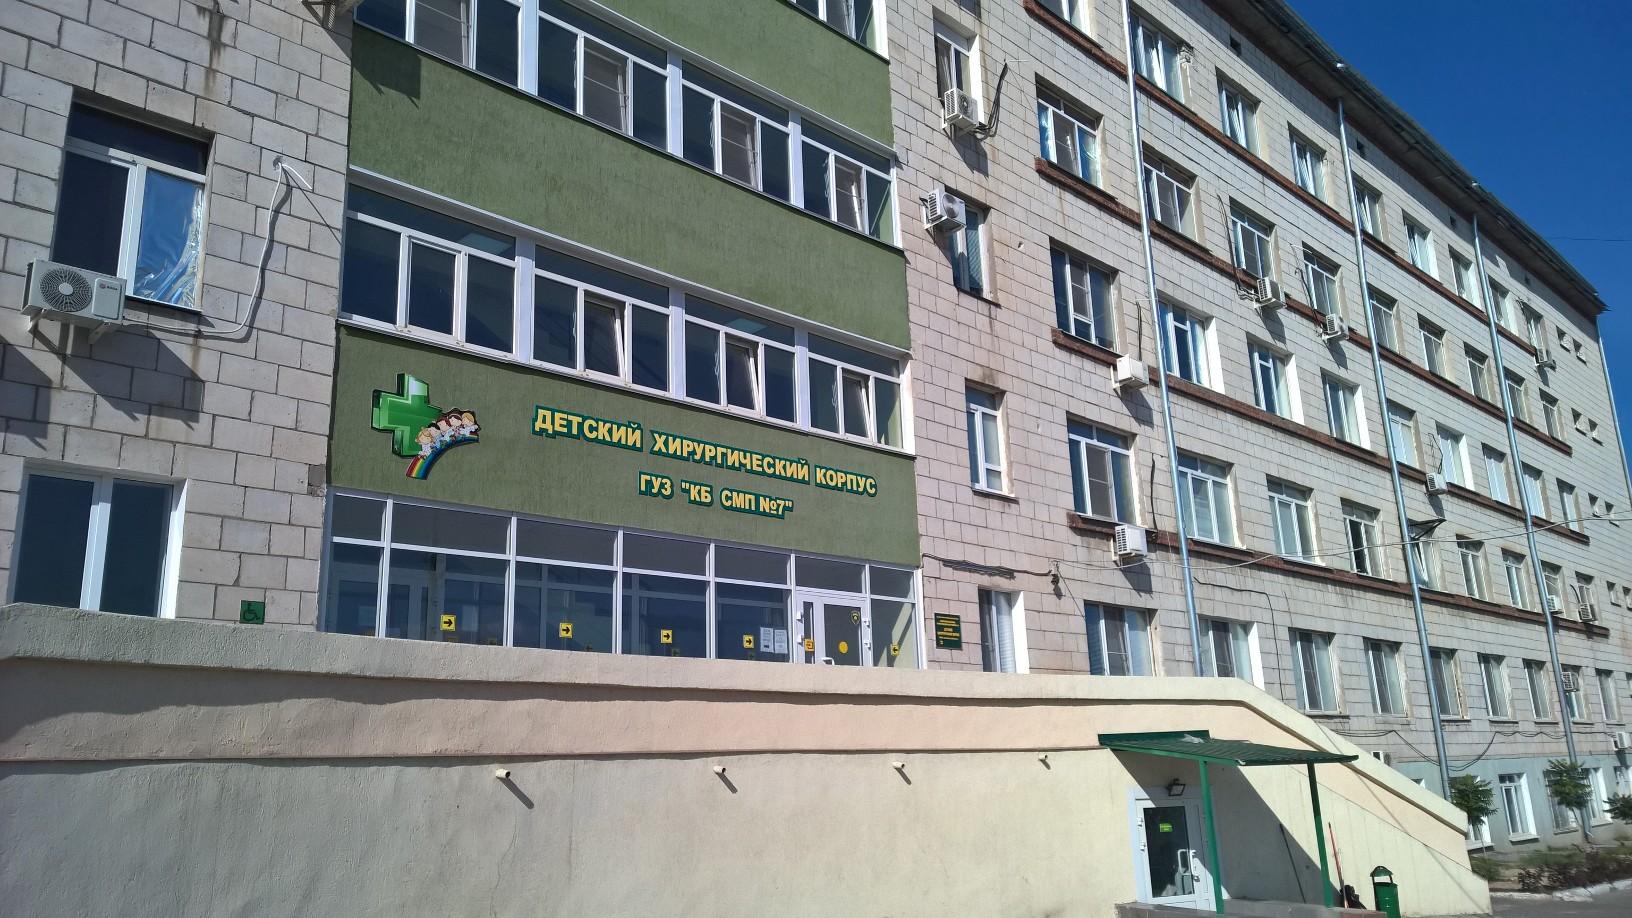 Губернатор андрей бочаров посетил 1 января клиническую больницу скорой медицинской помощи 7 города волгограда